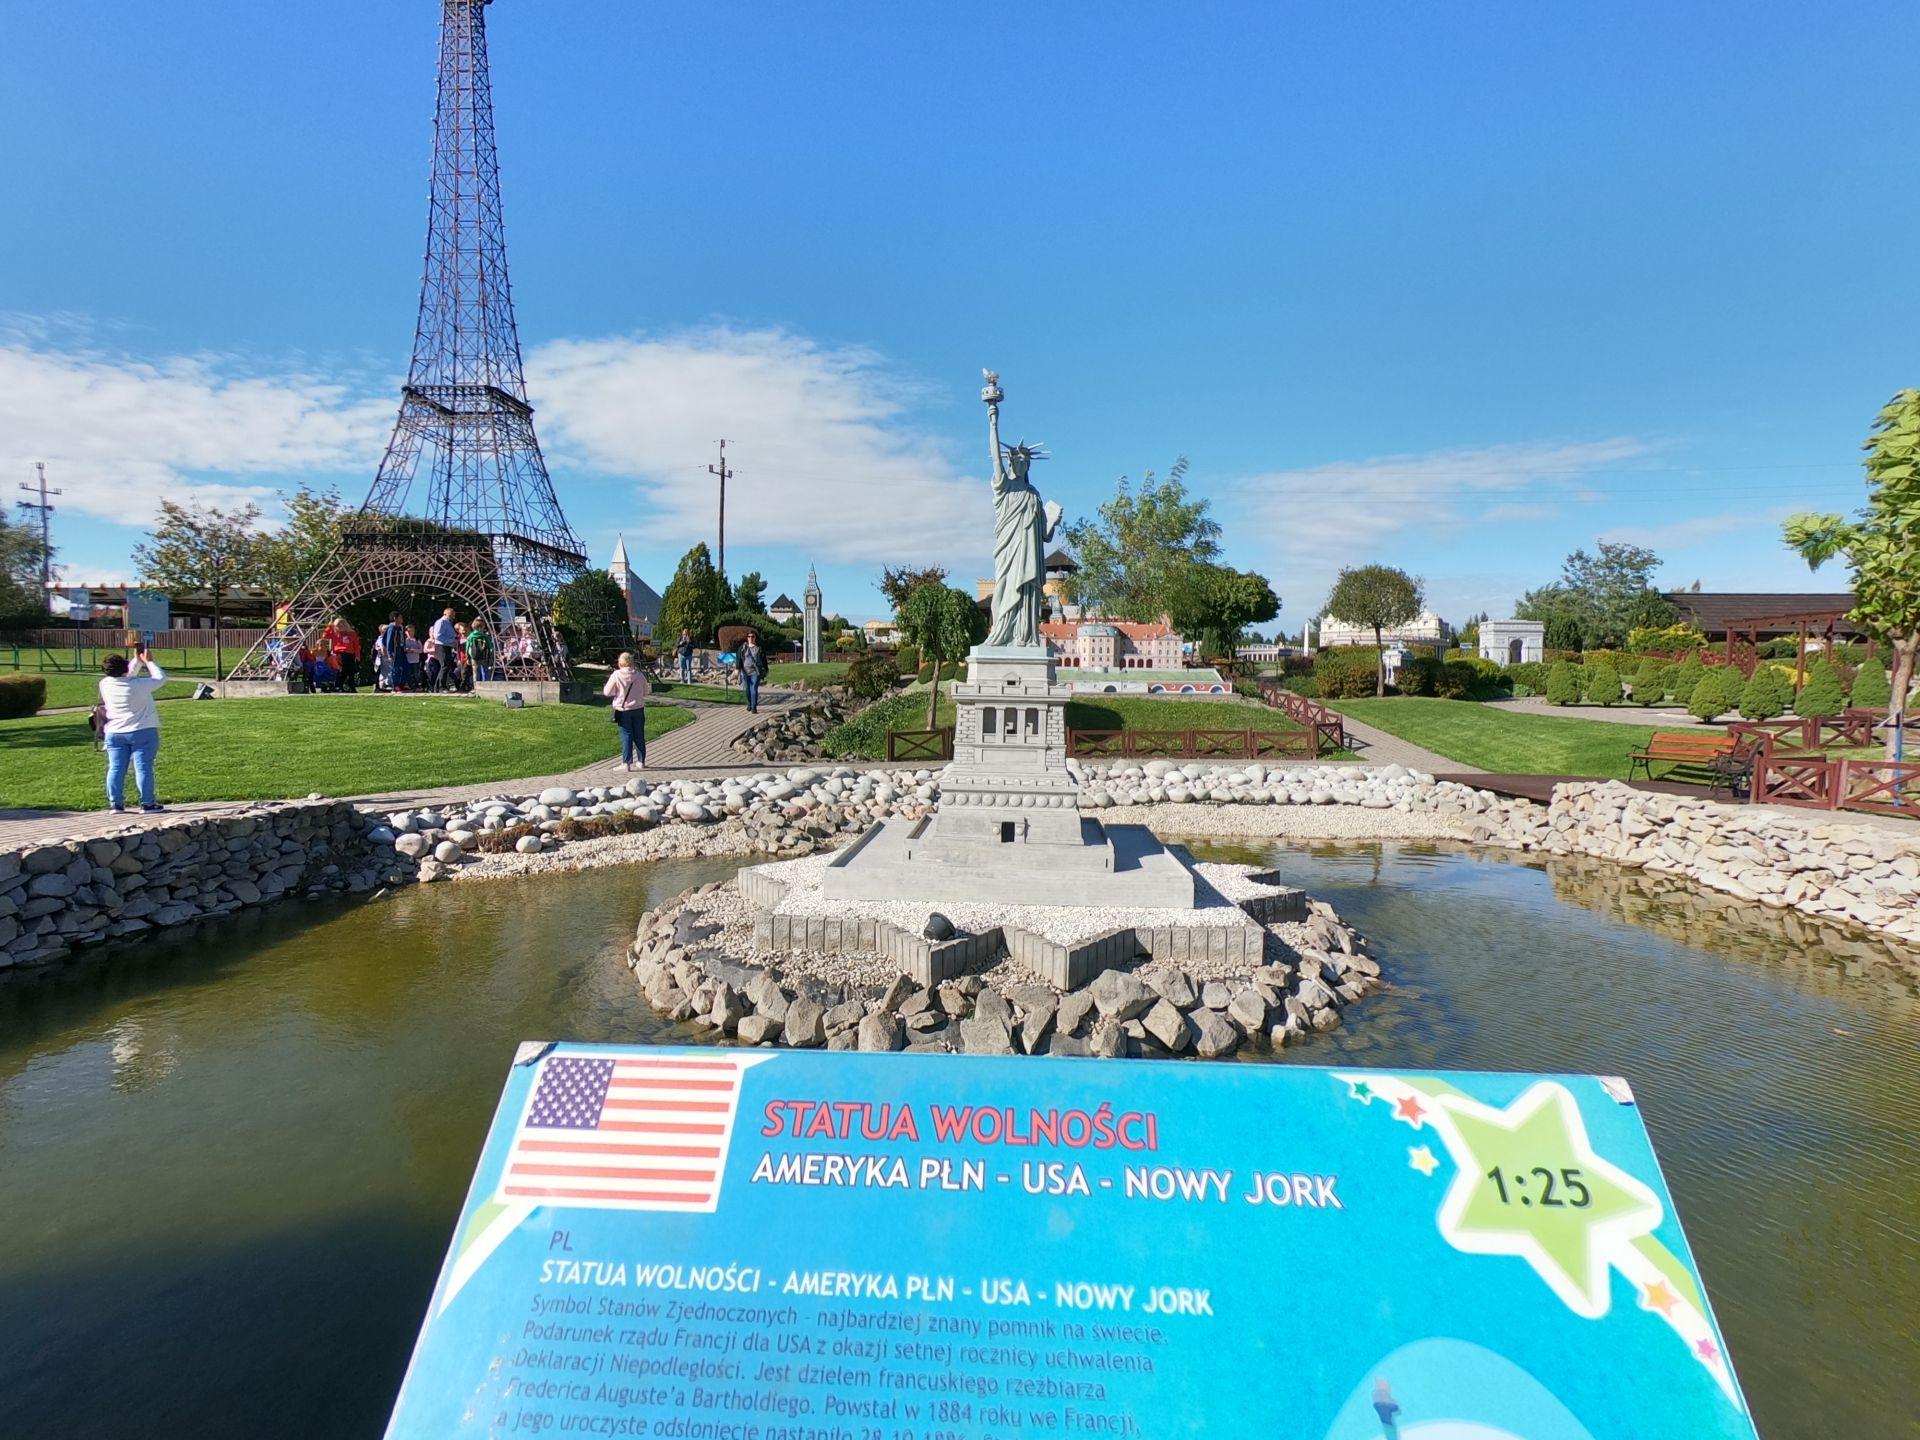 Wieża Eiffela w Parku Miniatur w Inwałdzie podczas wycieczki szkolnej na 1 dzień